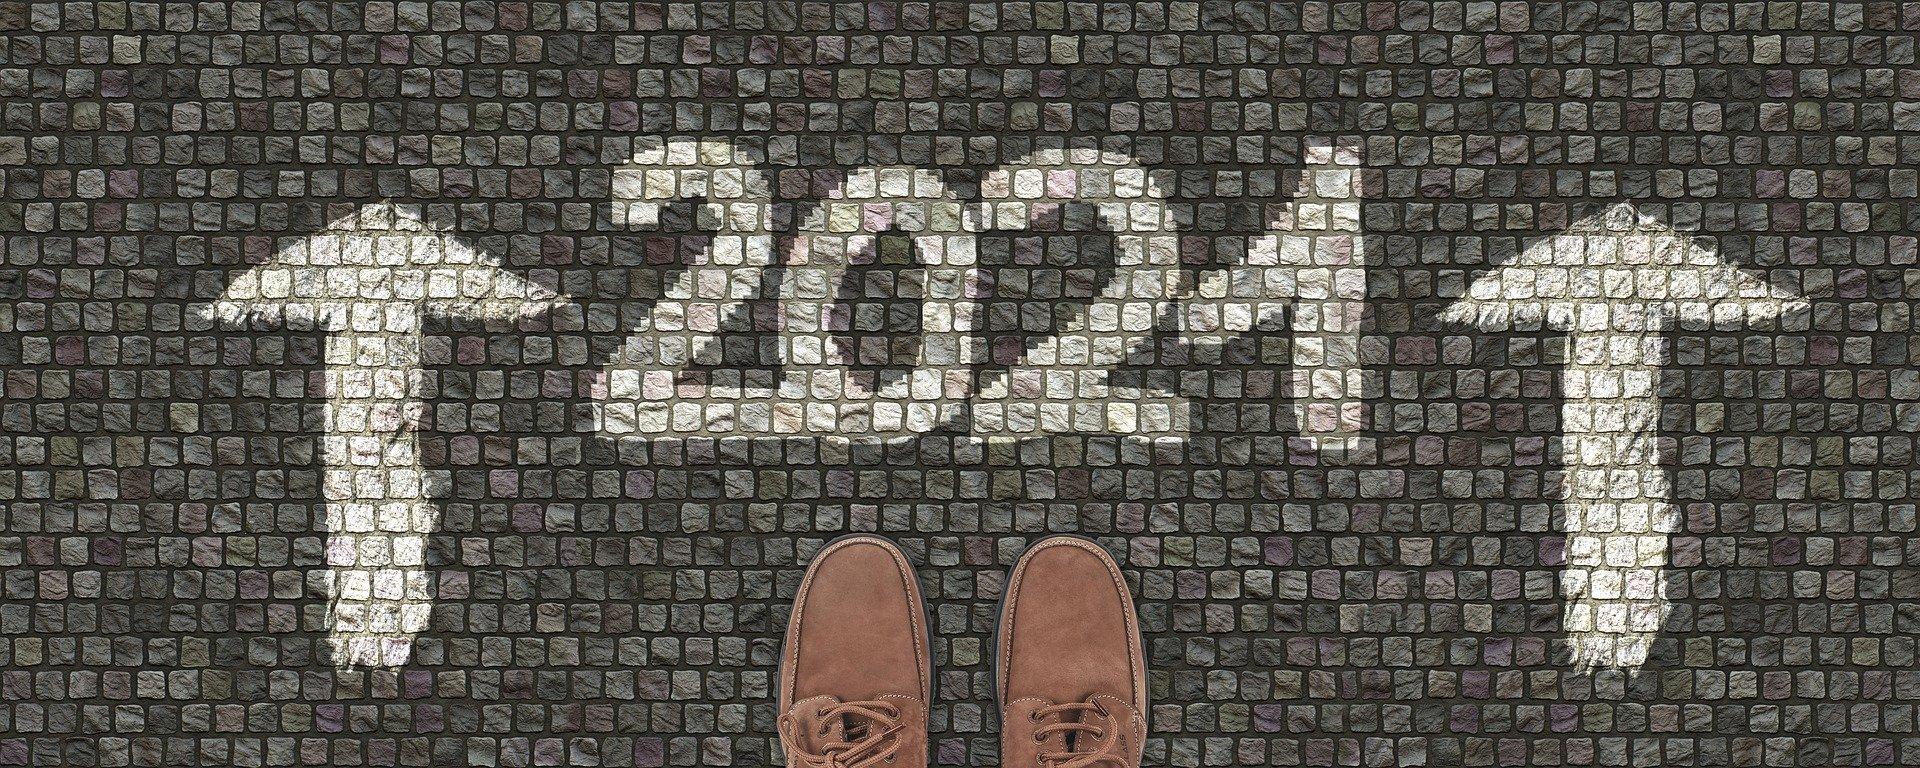 Top Ten Posts of 2020